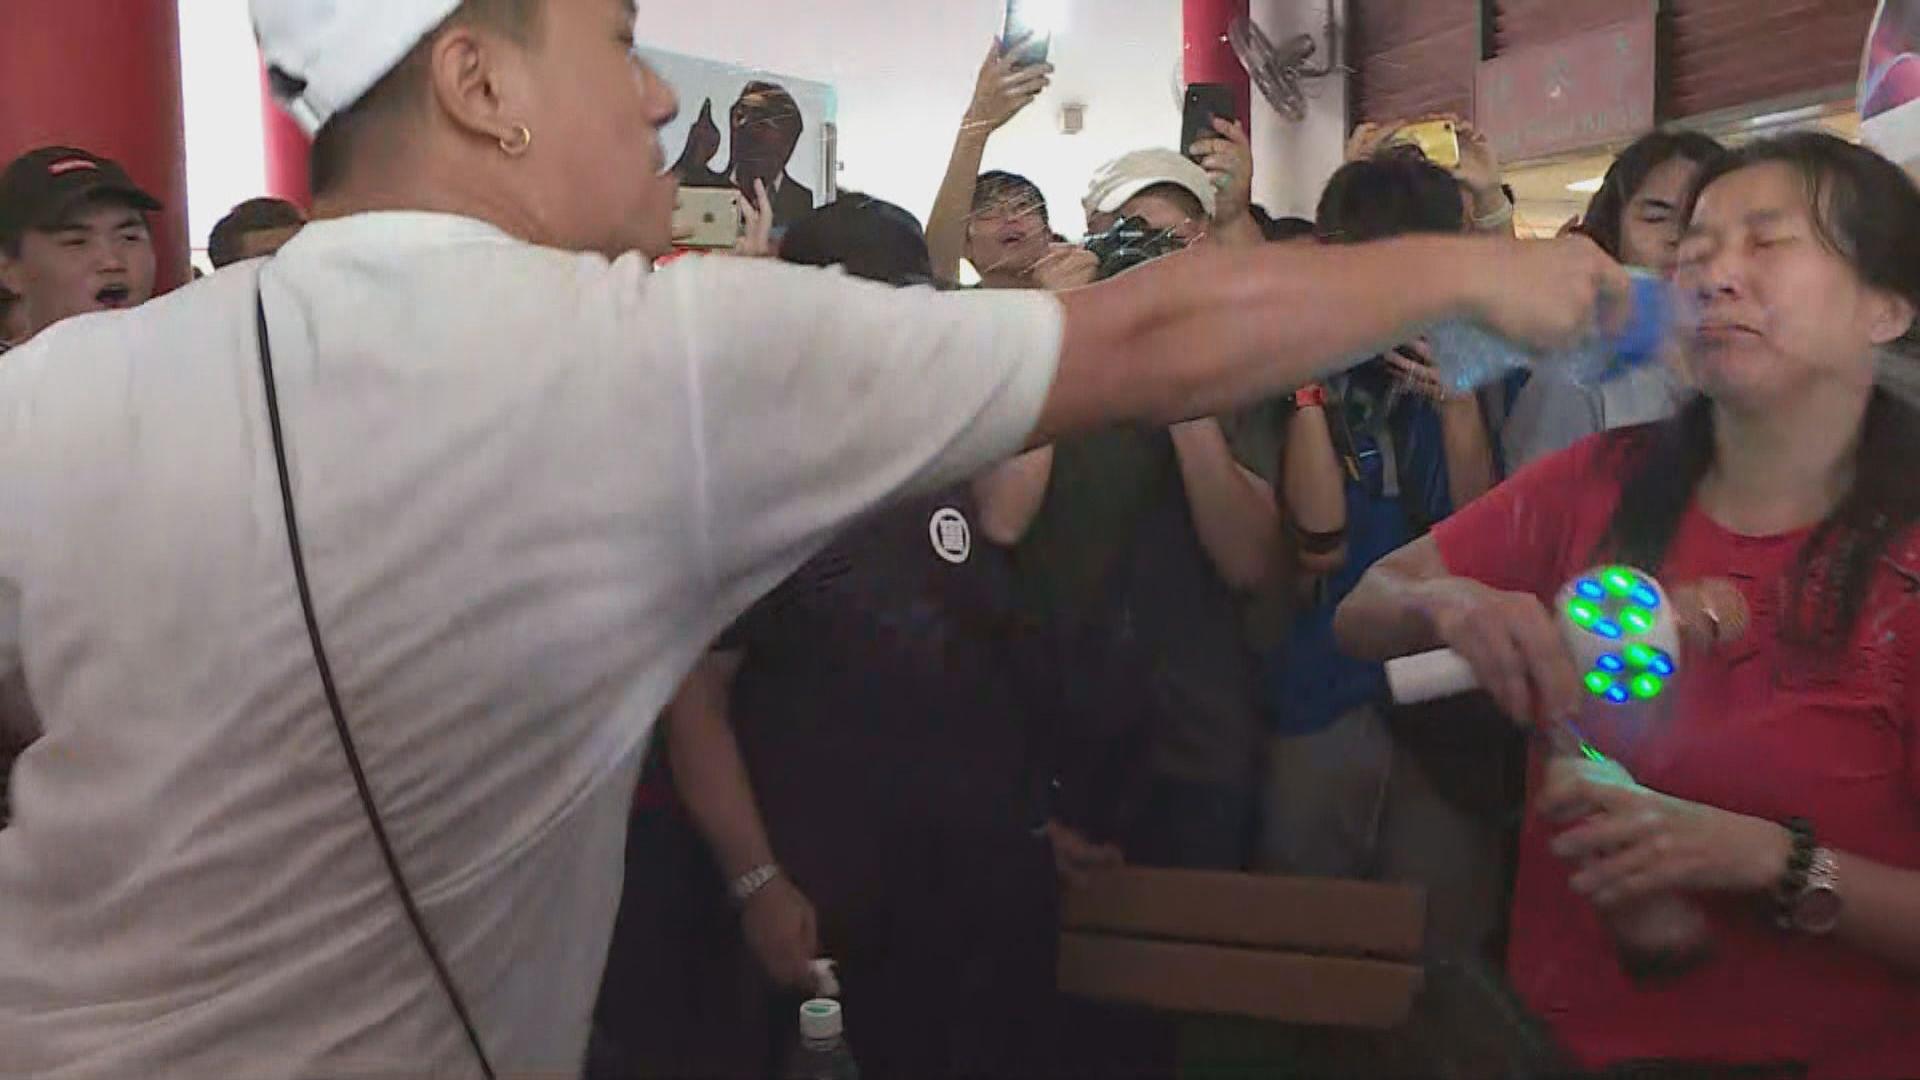 有遊行人士與表演者互潑水 警介入解圍